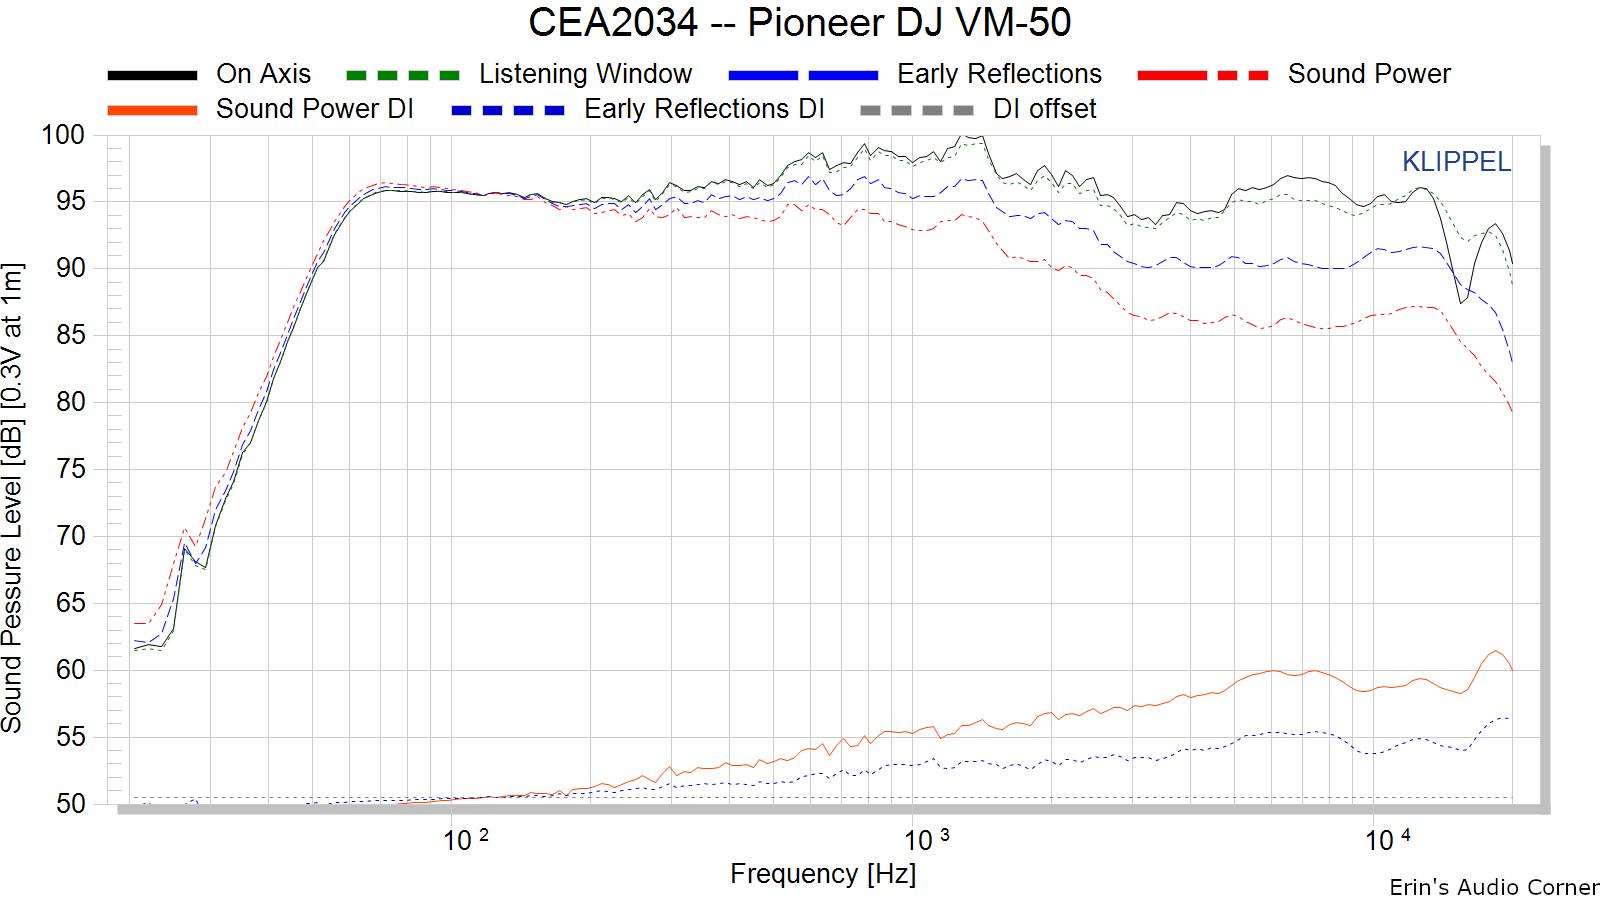 CEA2034%20--%20Pioneer%20DJ%20VM-50.png